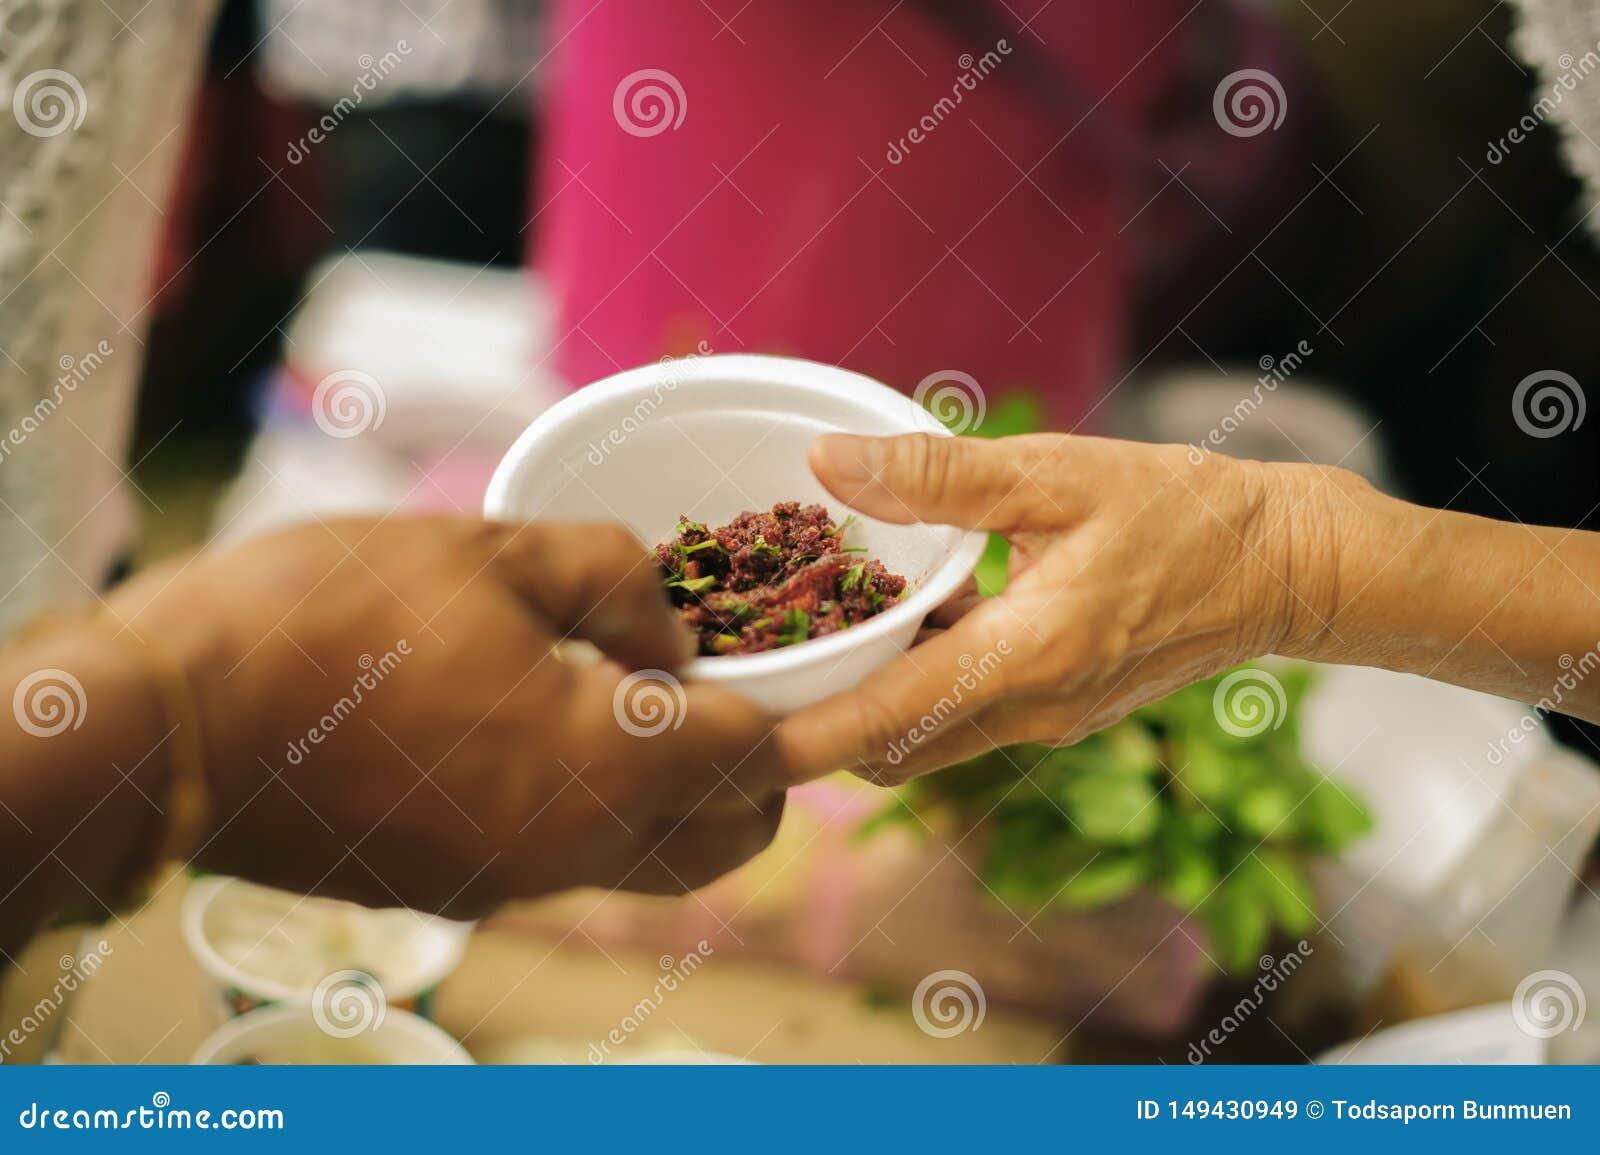 哺养帮助的贫穷的社会问题:哺养饥饿的志愿者在社会:捐赠食物的概念对贫寒